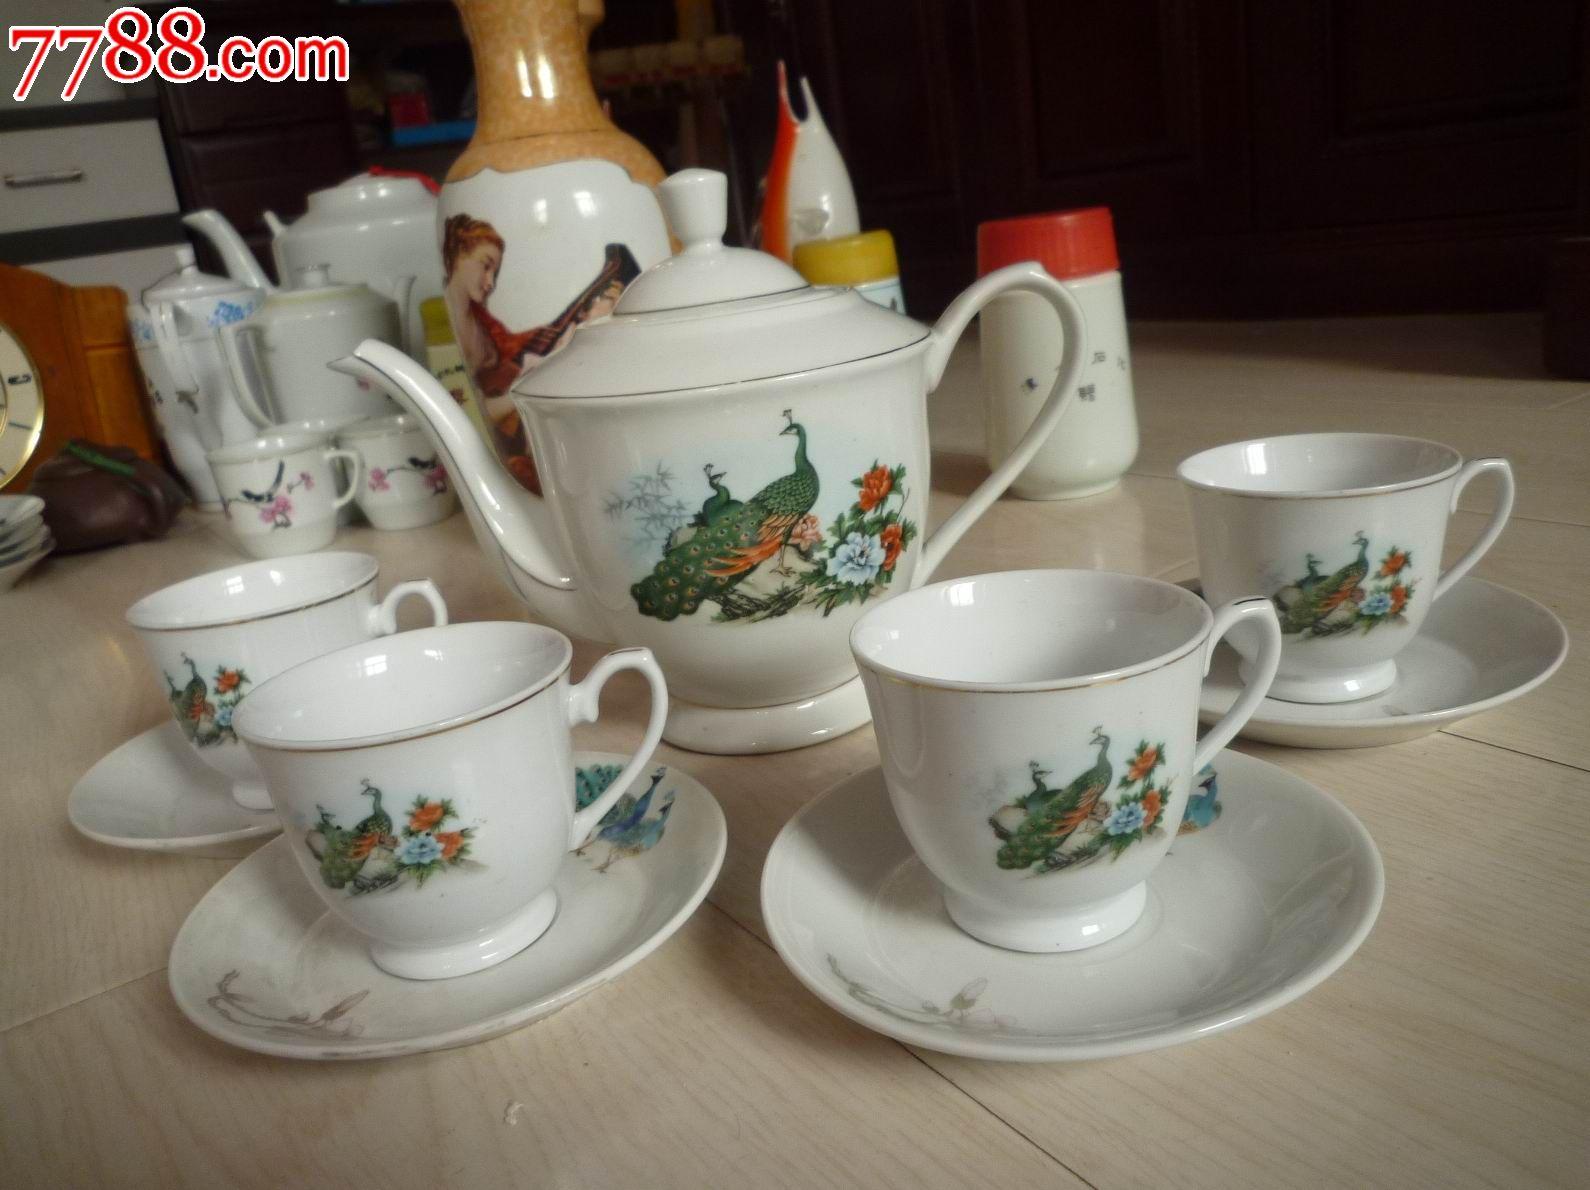 孔雀牡丹图案茶壶一套_第2张_7788收藏__中国收藏热线